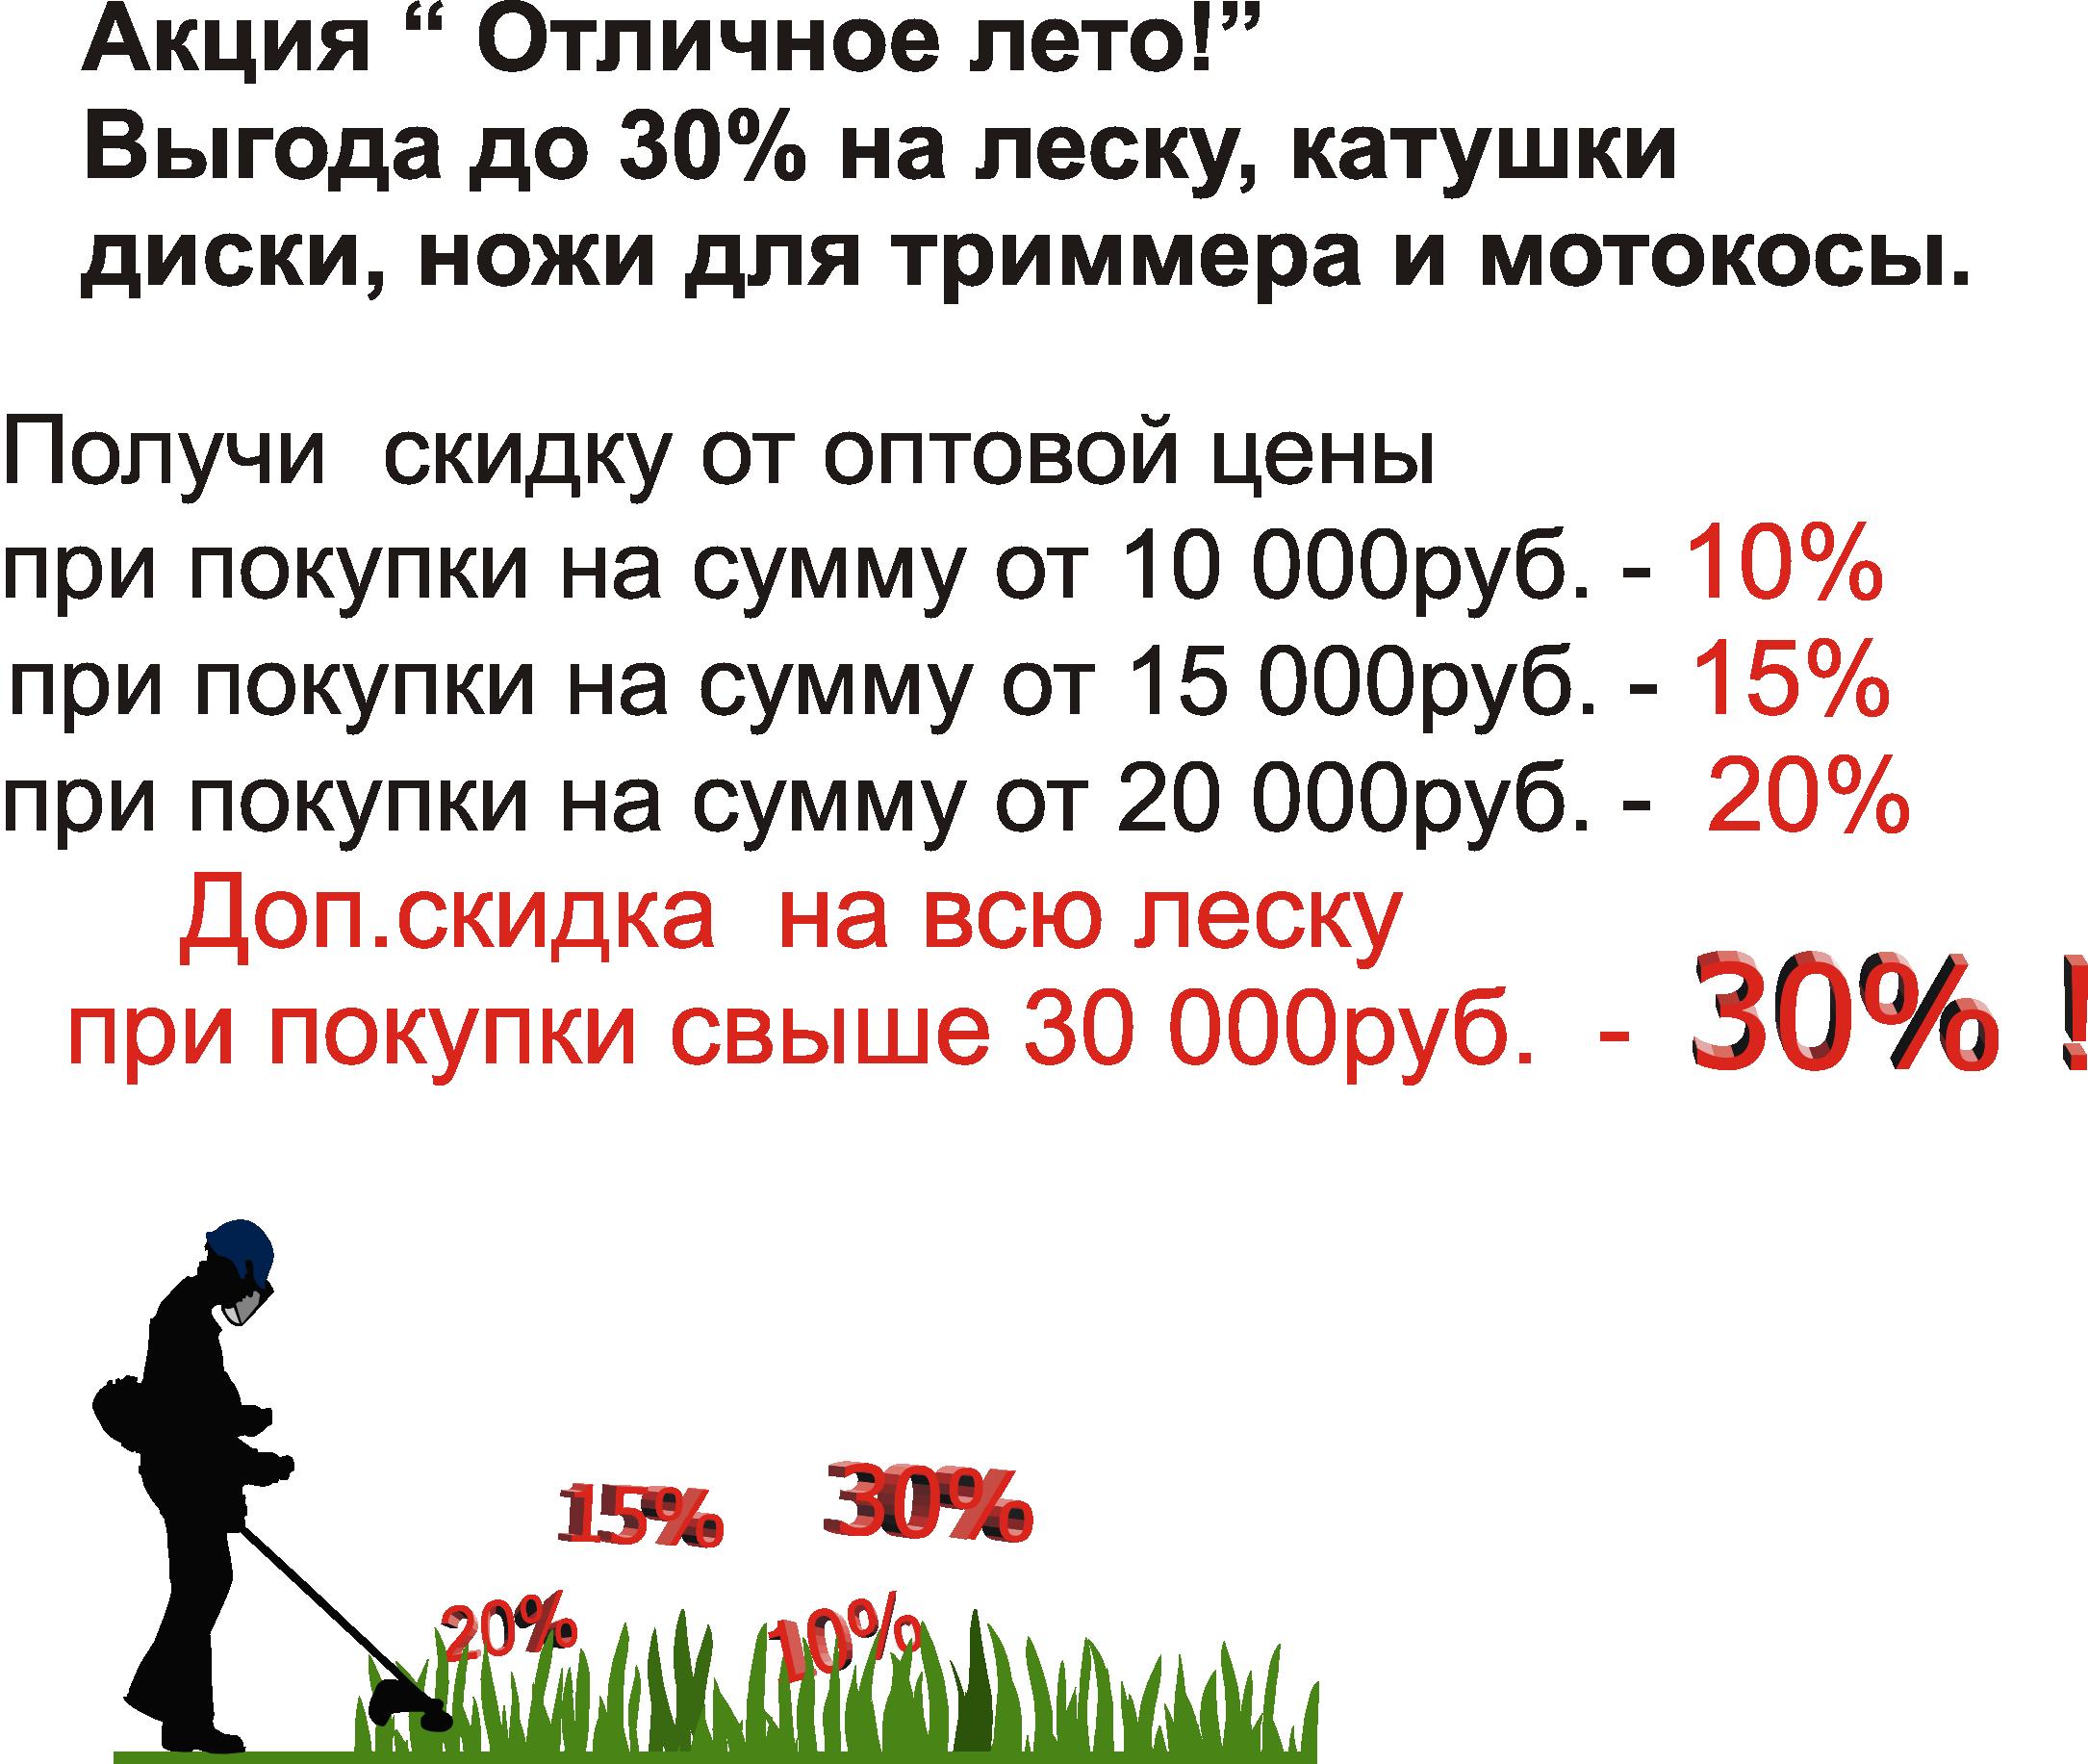 Выгода до 30%